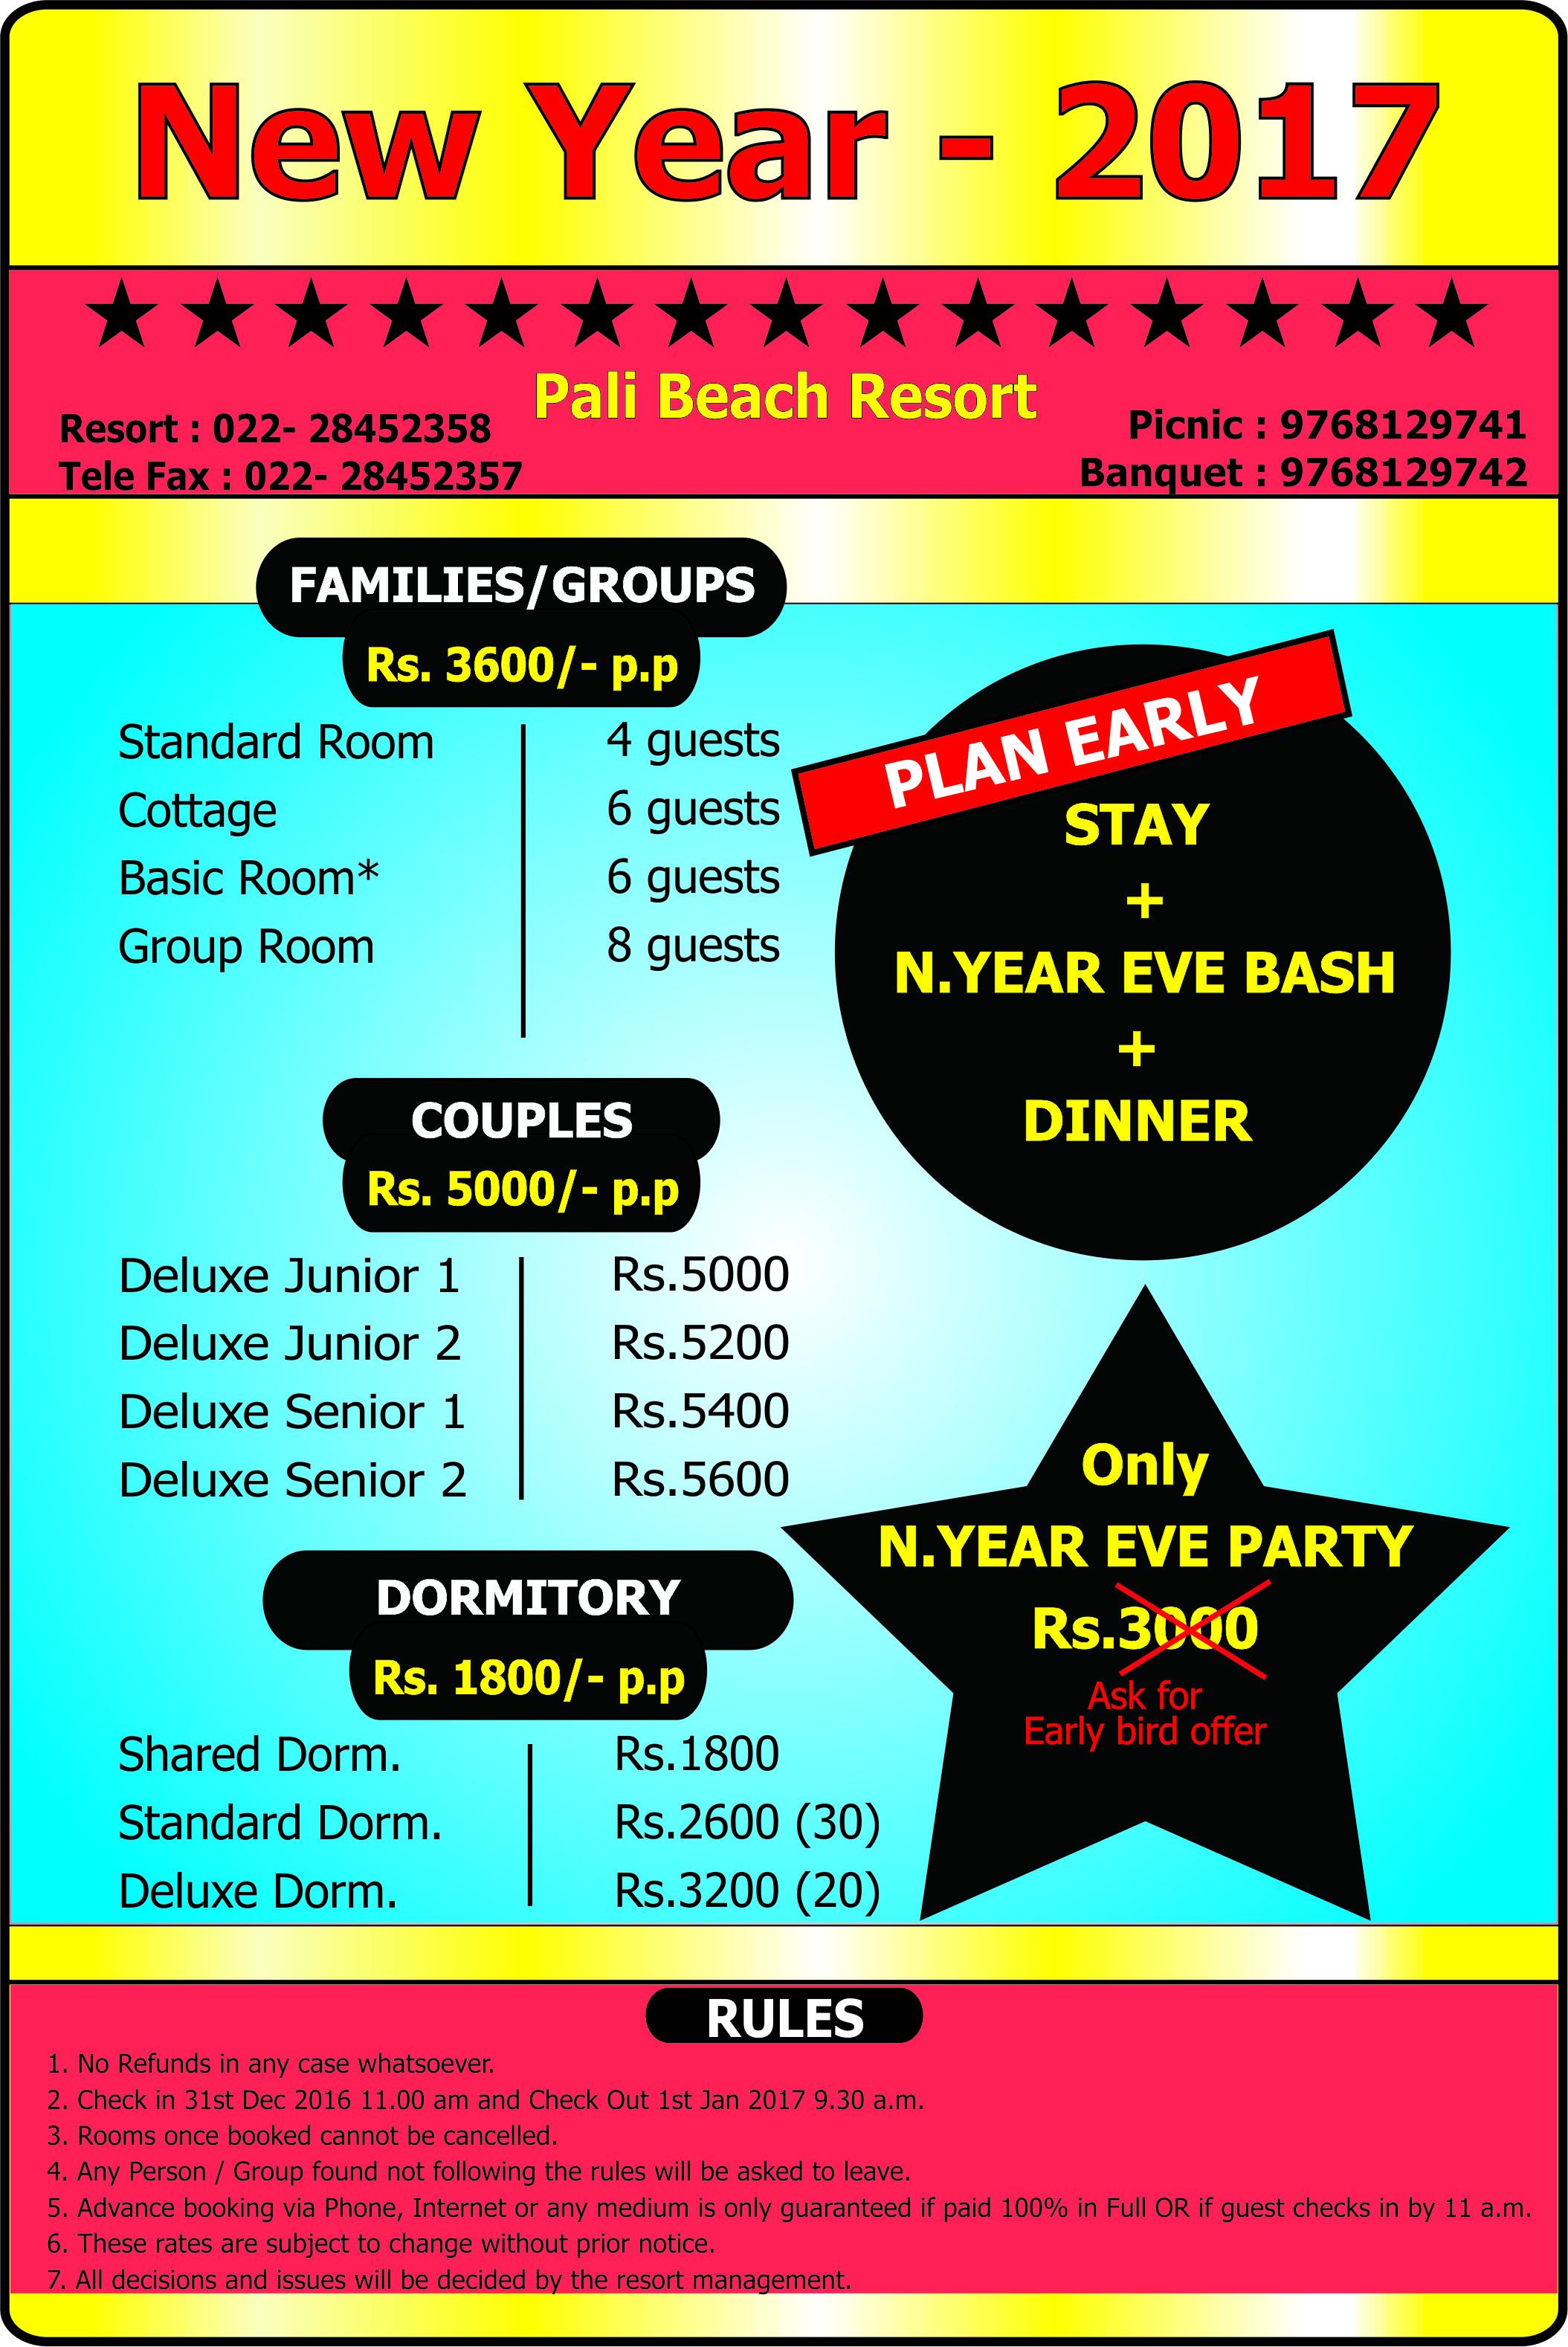 mumbai hotels - a resort in mumbai